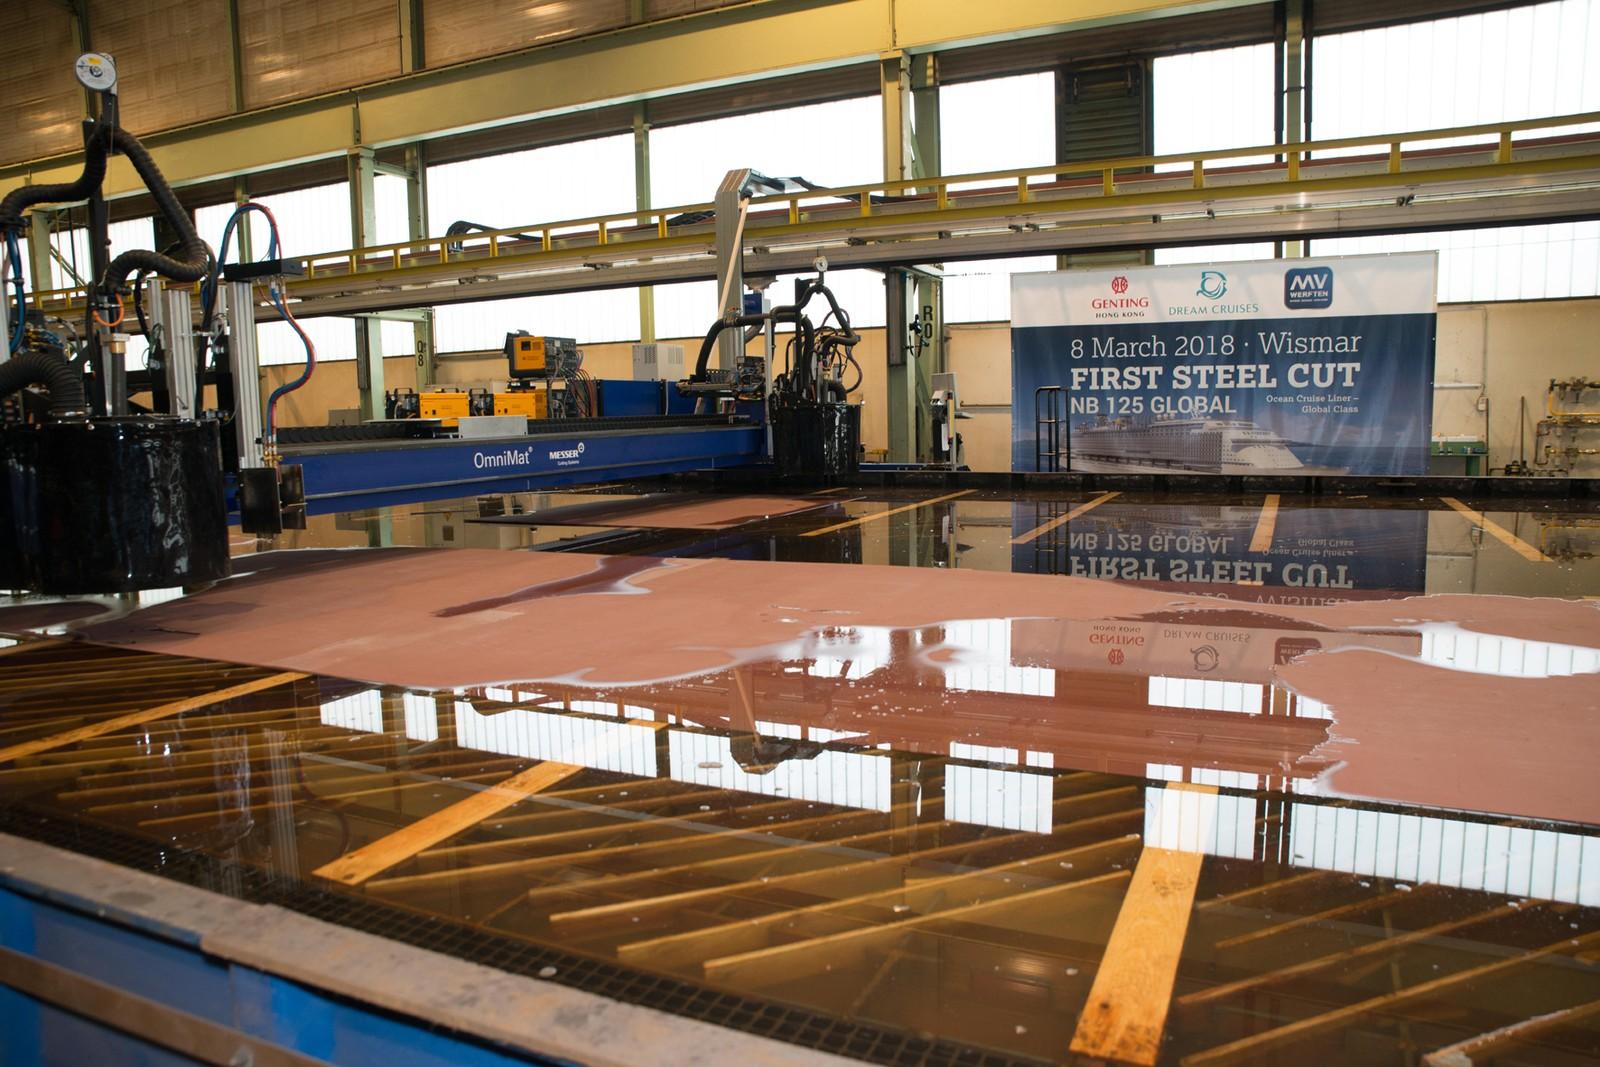 Die OmniMat – die vielseitig einsetzbare und leistungsstarke Portalschneidmaschine von Messer – läutete mit dem ersten Stahlschnitt den Bau des neuen Kreuzfahrtschiffes der Global Class auf der MV Werft in Wismar ein.